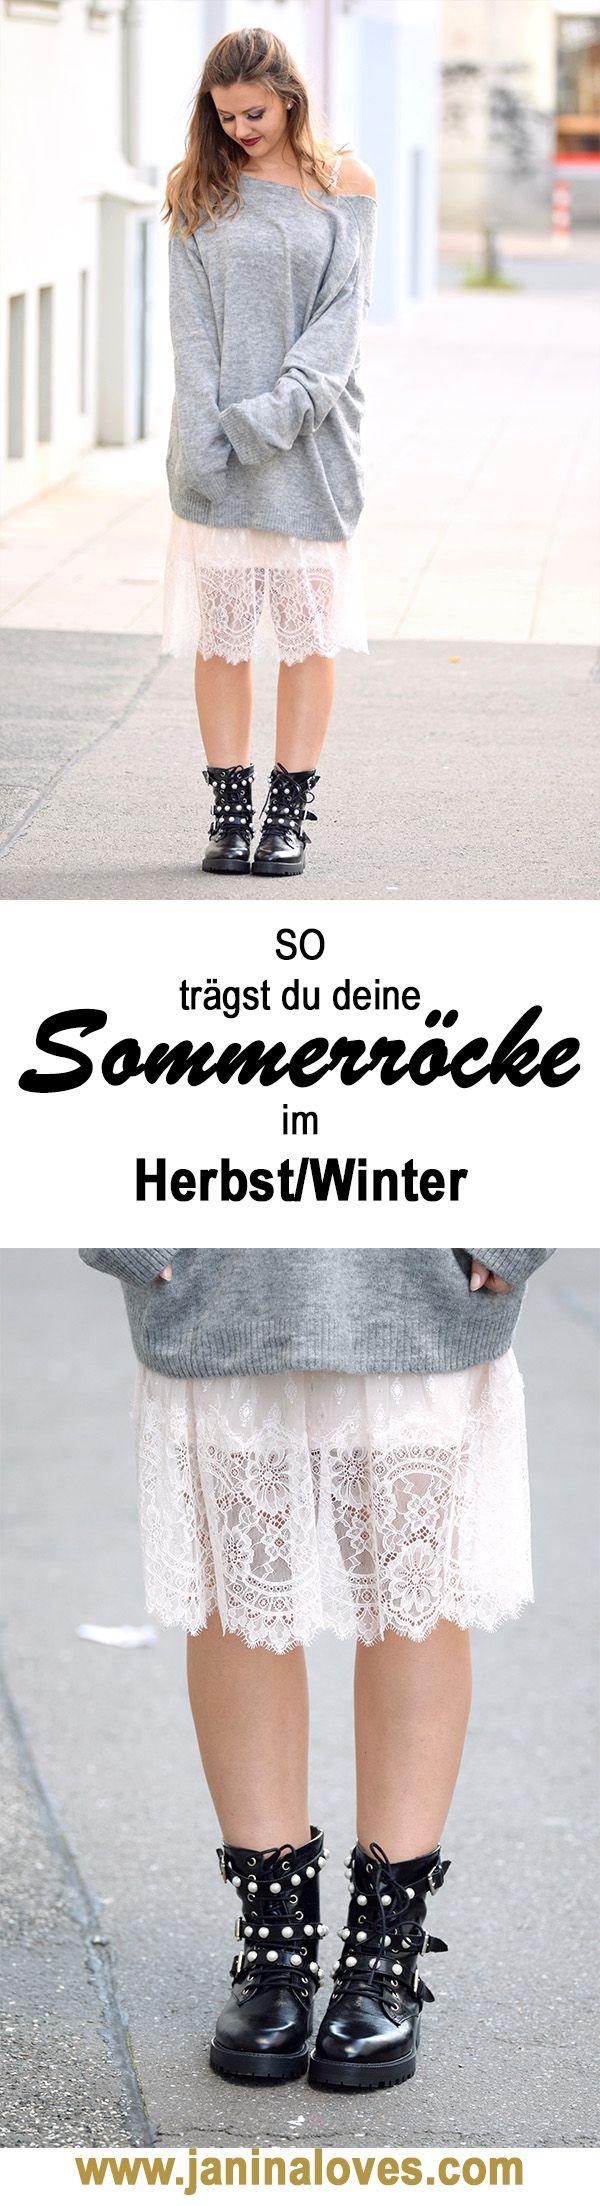 Ultimativer Style Guide: So einfach kannst du deine Sommerröcke im Herbst/Winter tragen. Du willst dein Lieblingssommerkleid auch im Winter tragen? So geht's: trag deinen Sommerrock oder Sommerkleid mit Biker Boots und Kuschelpulli. Biker Boots by Zara, Rock by H&M, Pulli by H&M. Norddeutscher Streetstyle. Fashionblog aus Hannover. Balayage Ombré Haare mit Longbob